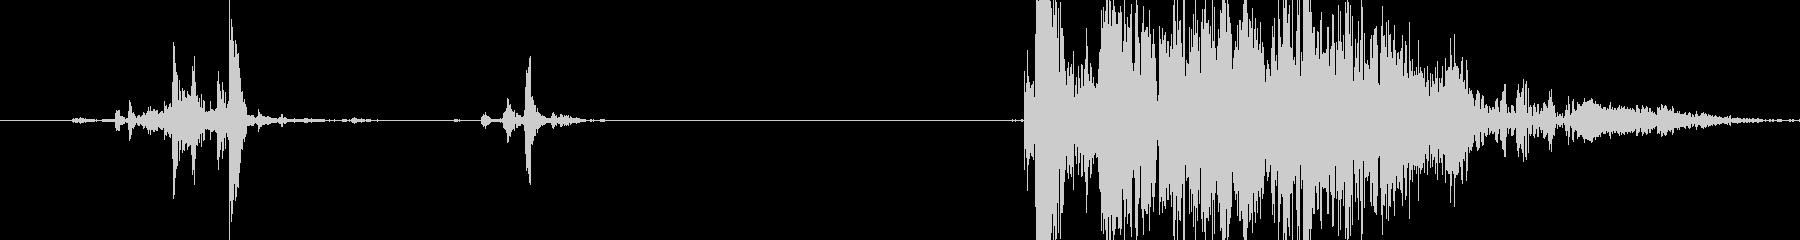 グラップリングガン:コック、シュートの未再生の波形